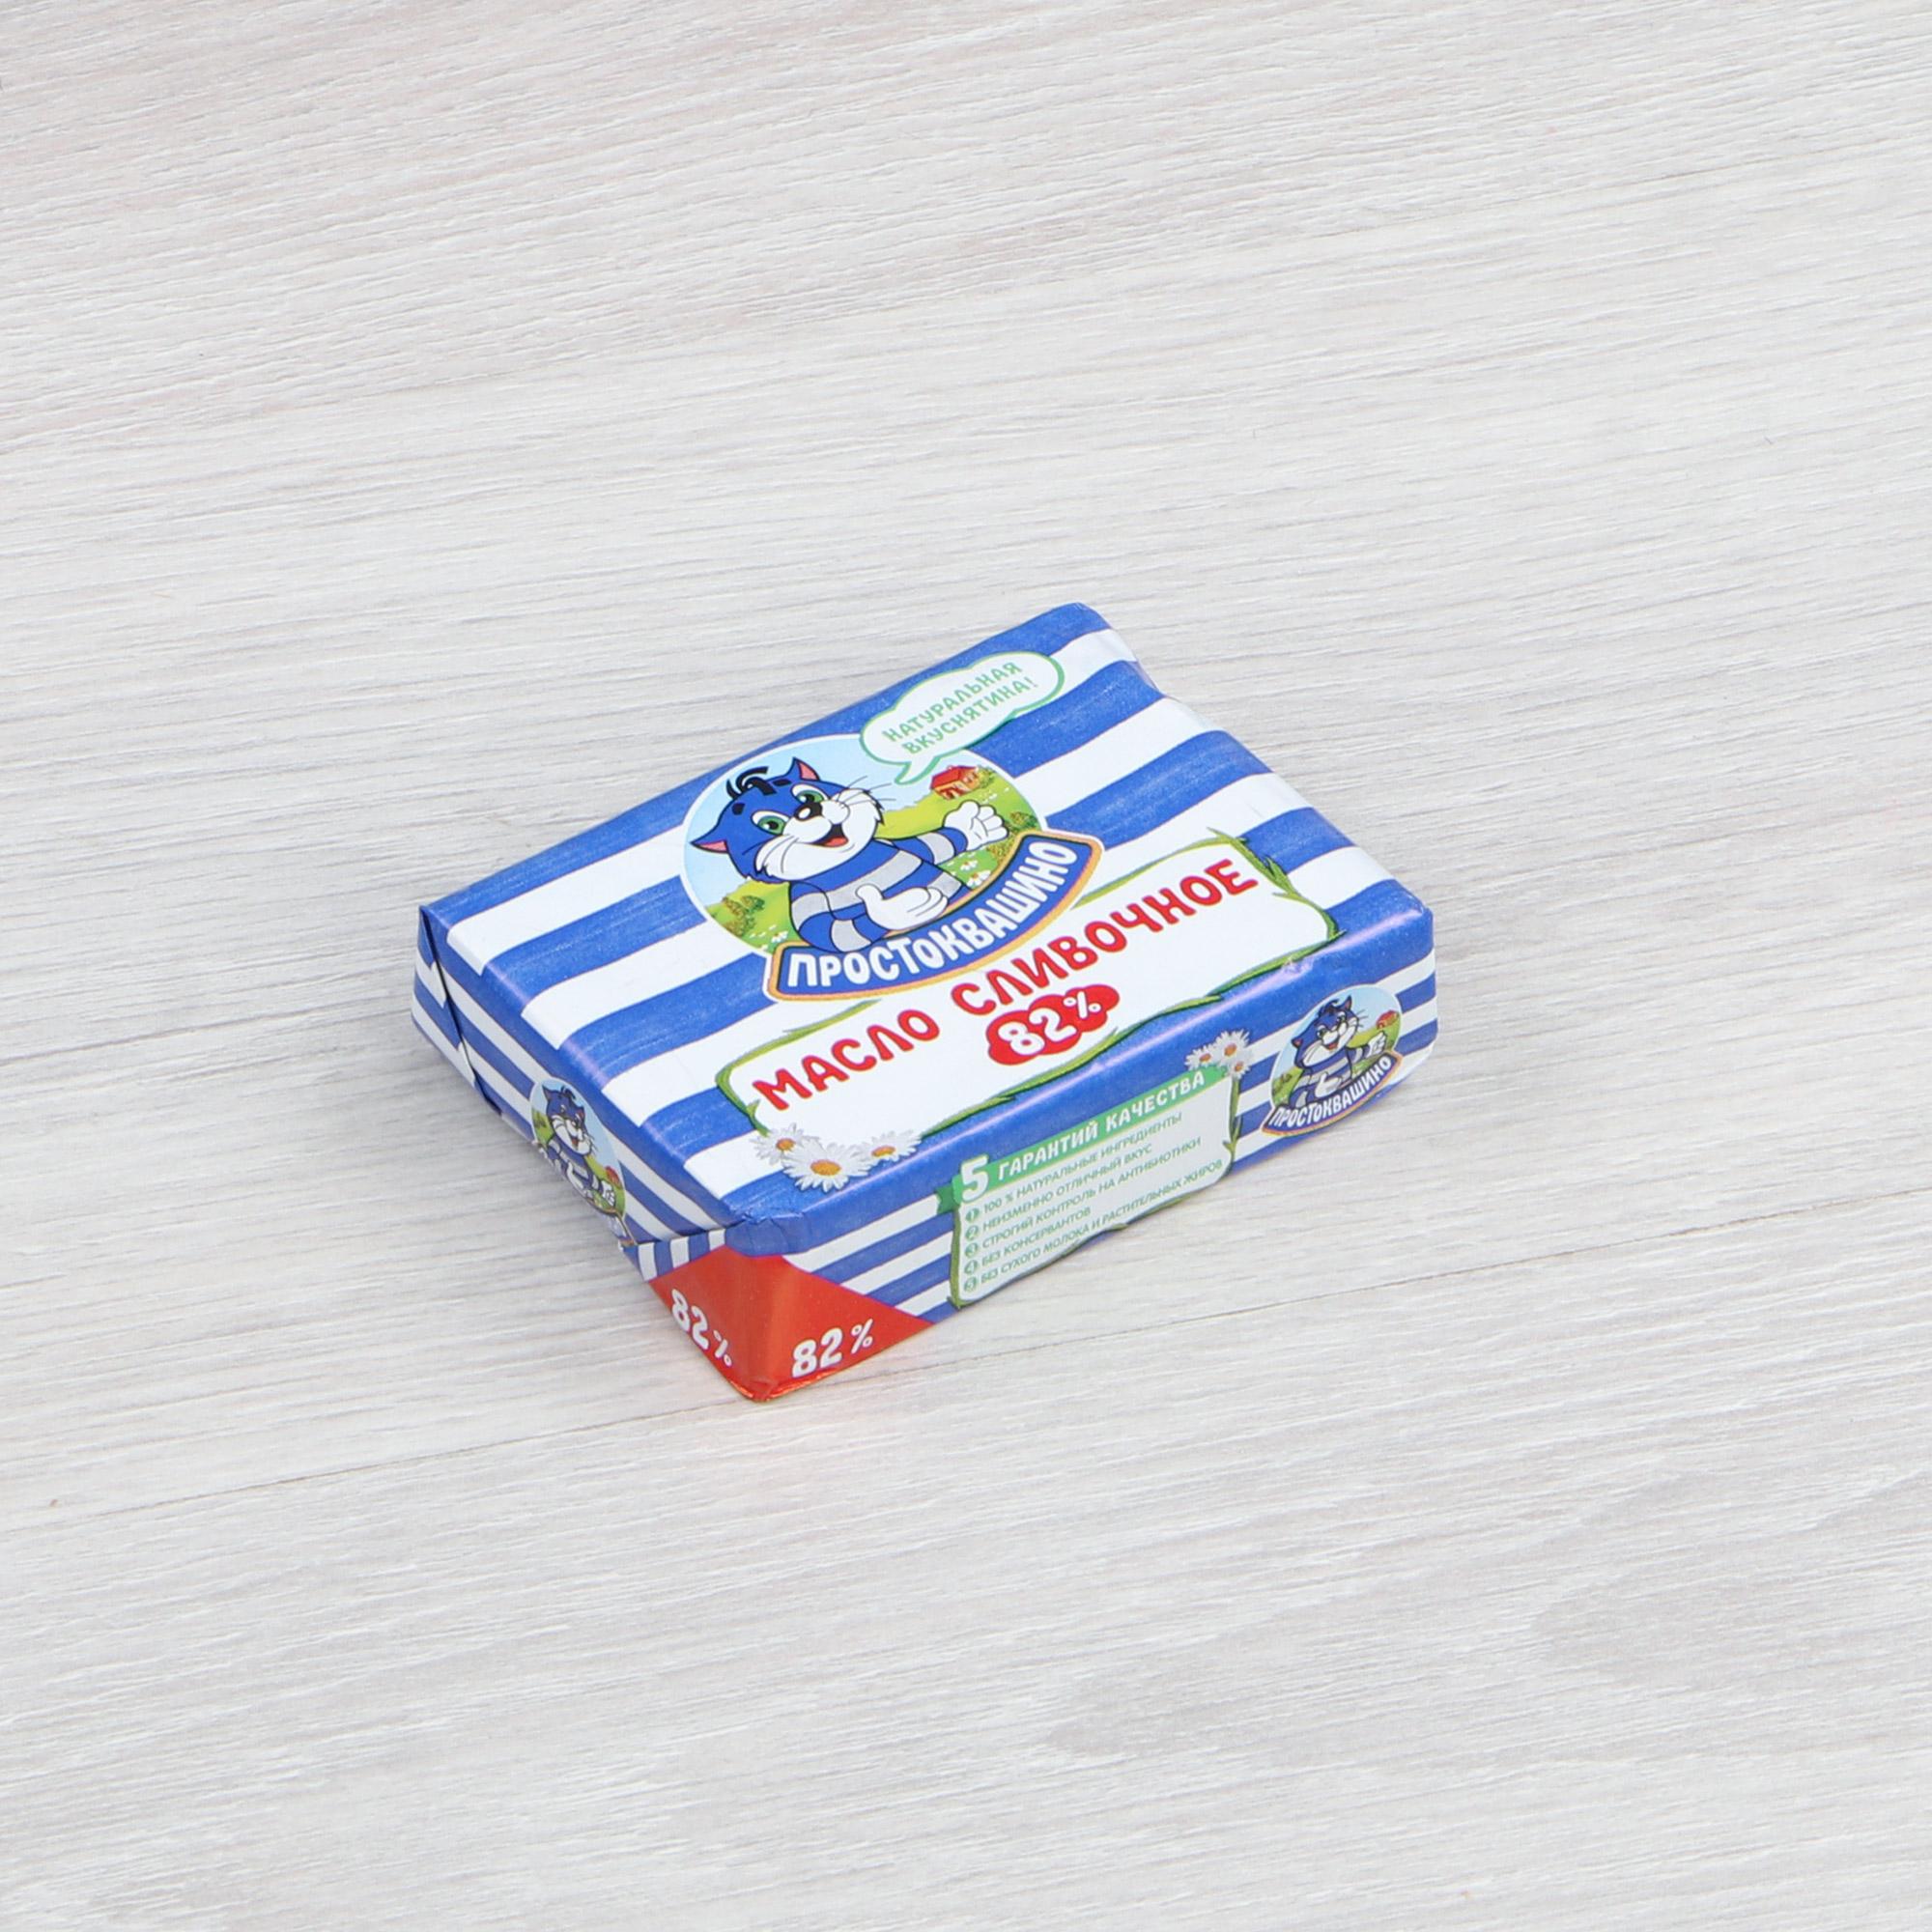 Фото - Масло сливочное Простоквашино 82,5% 180 г масло у палыча сливочное с травами прованса 62% 180 г